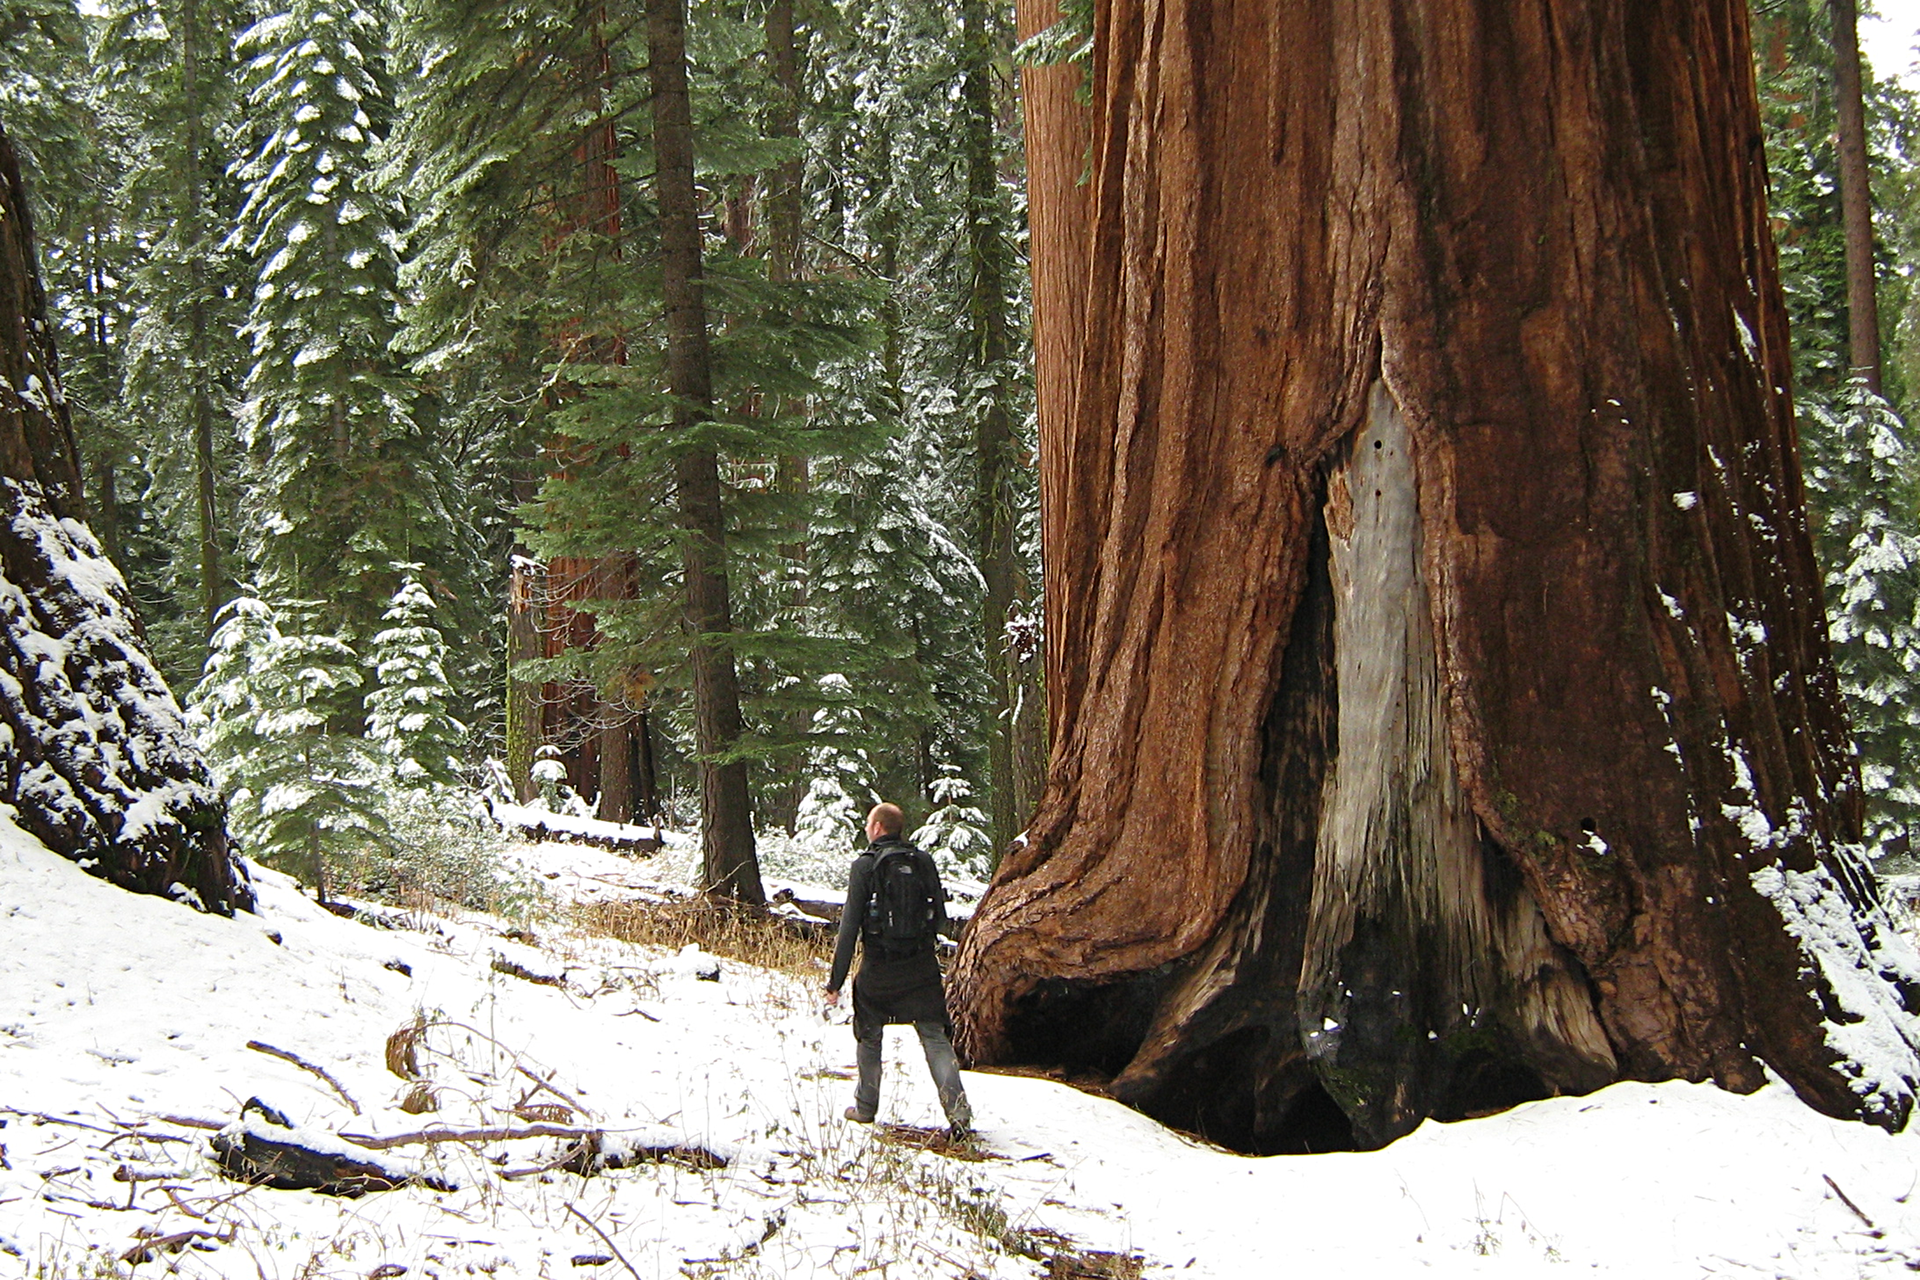 Fotografia przedstawia człowieka przy pniu wielkiego, grubego drzewa opomarańczowej korze wzimowym krajobrazie. To drzewo to mamutowiec olbrzymi wgórach Sierra Nevada.